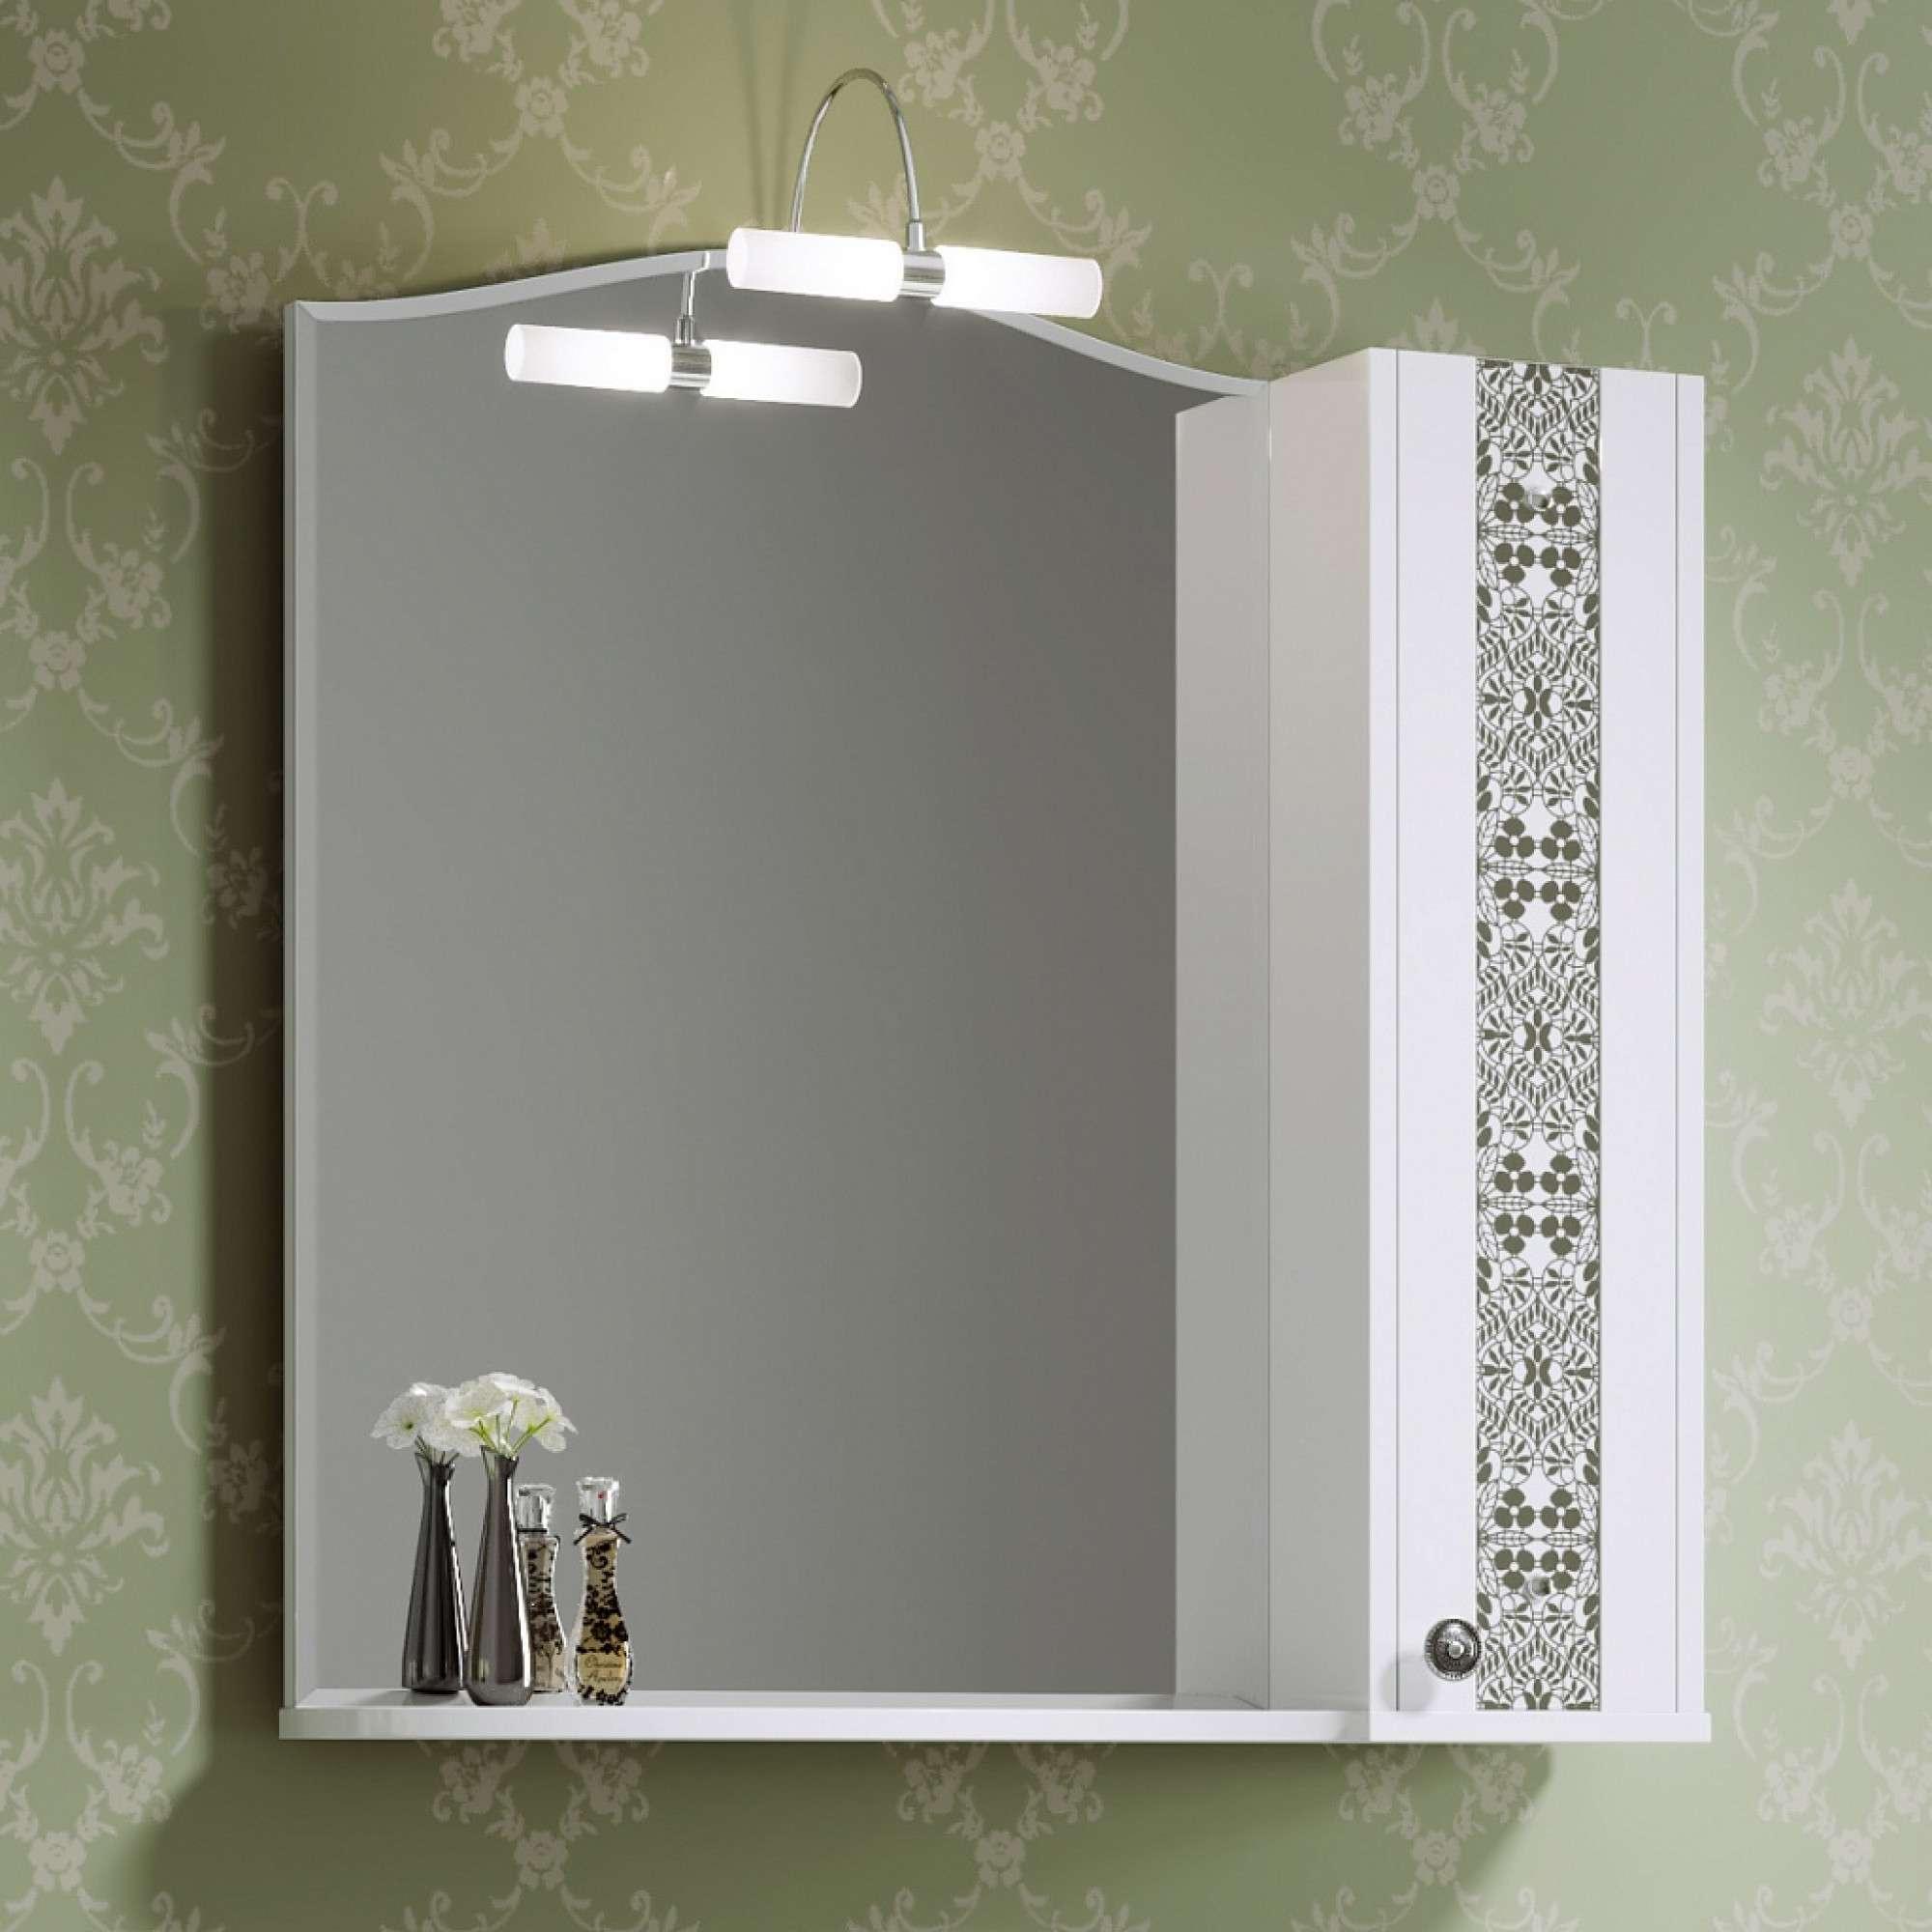 Шкаф зеркальный Elizabeth 80 +9 500 руб.